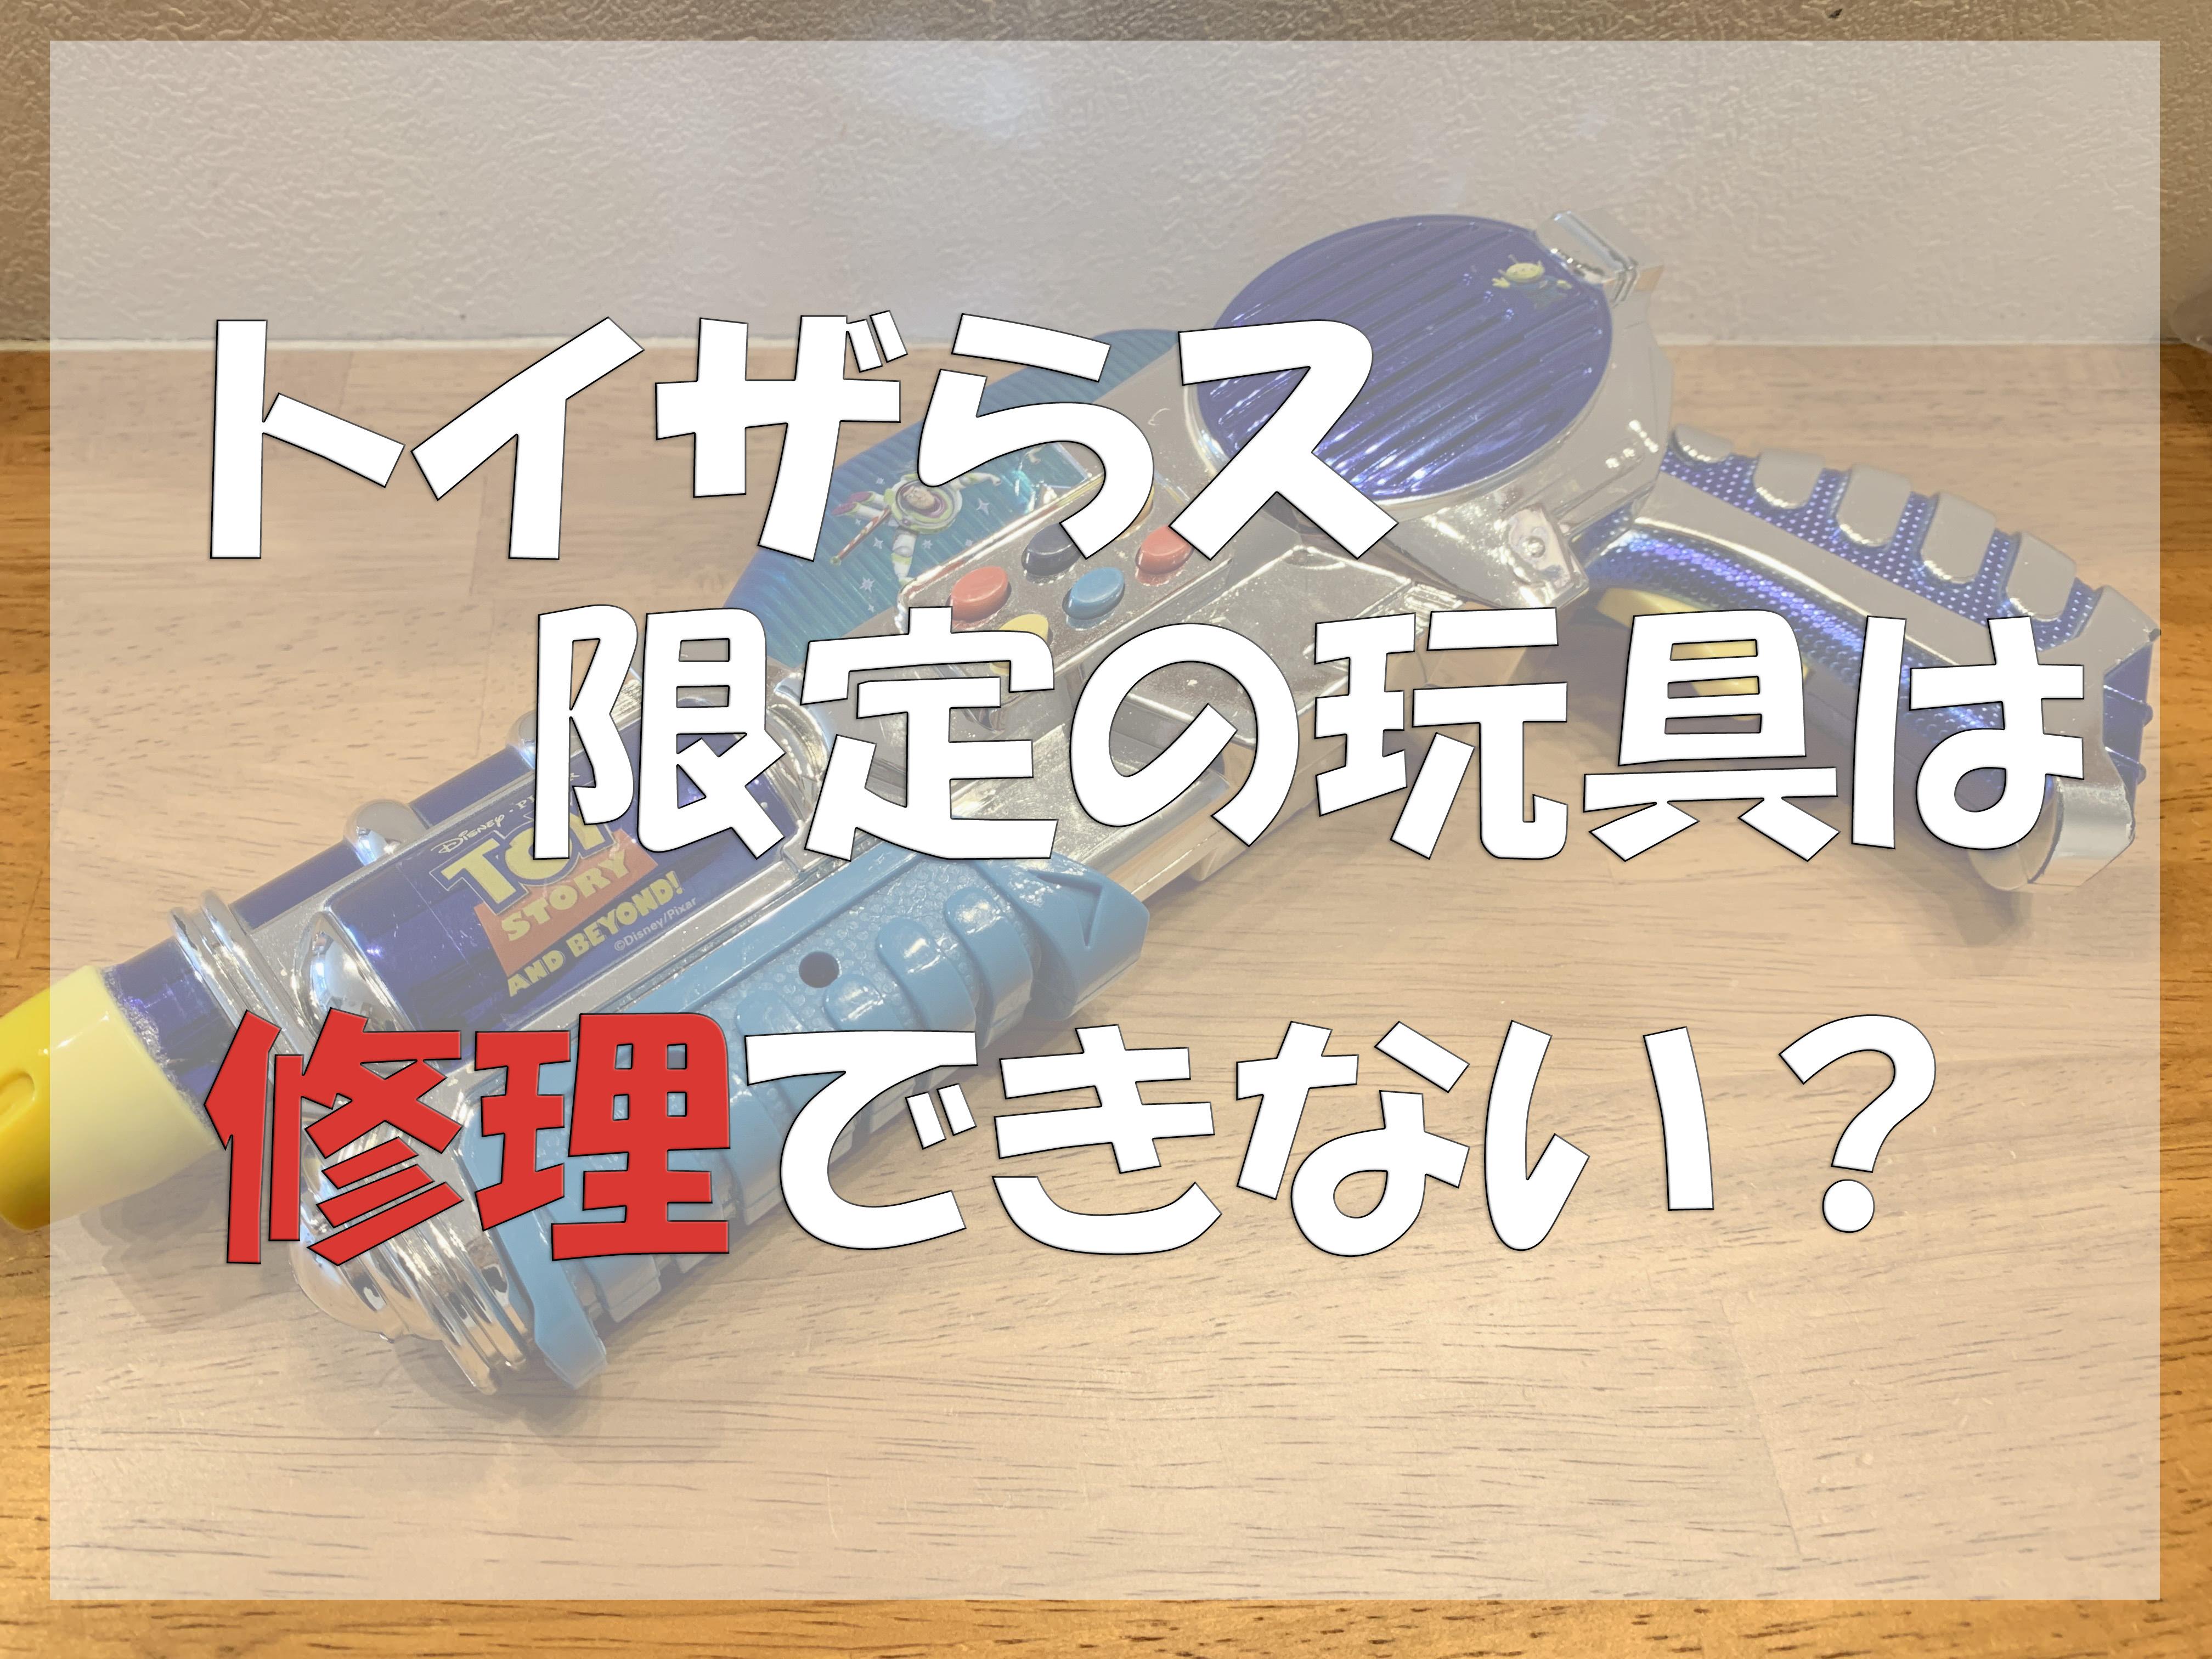 トイザらス限定のおもちゃは修理できない?おもちゃ病院での推奨